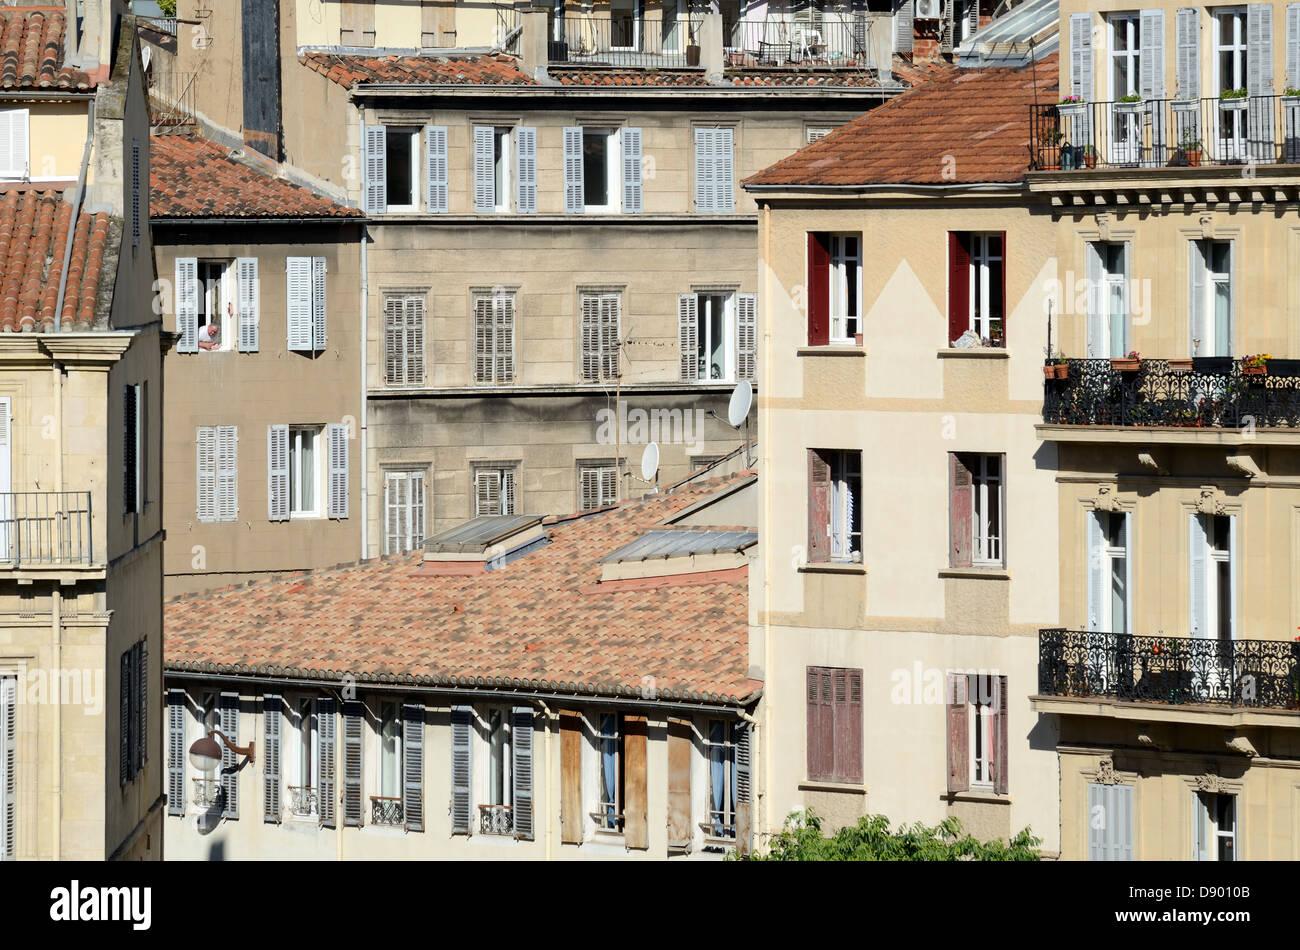 Periode Wohnungen oder Architektur Longchamp Marseille Frankreich Stockbild